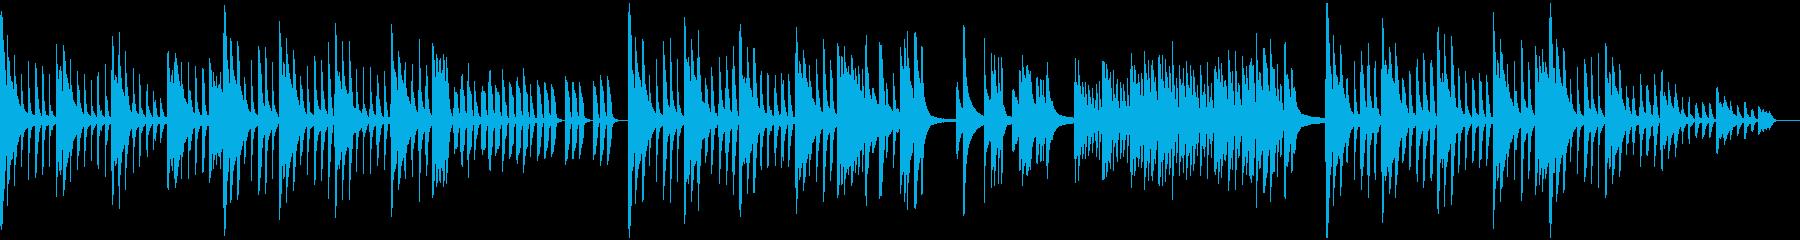 深く神秘的なピアノソロの再生済みの波形